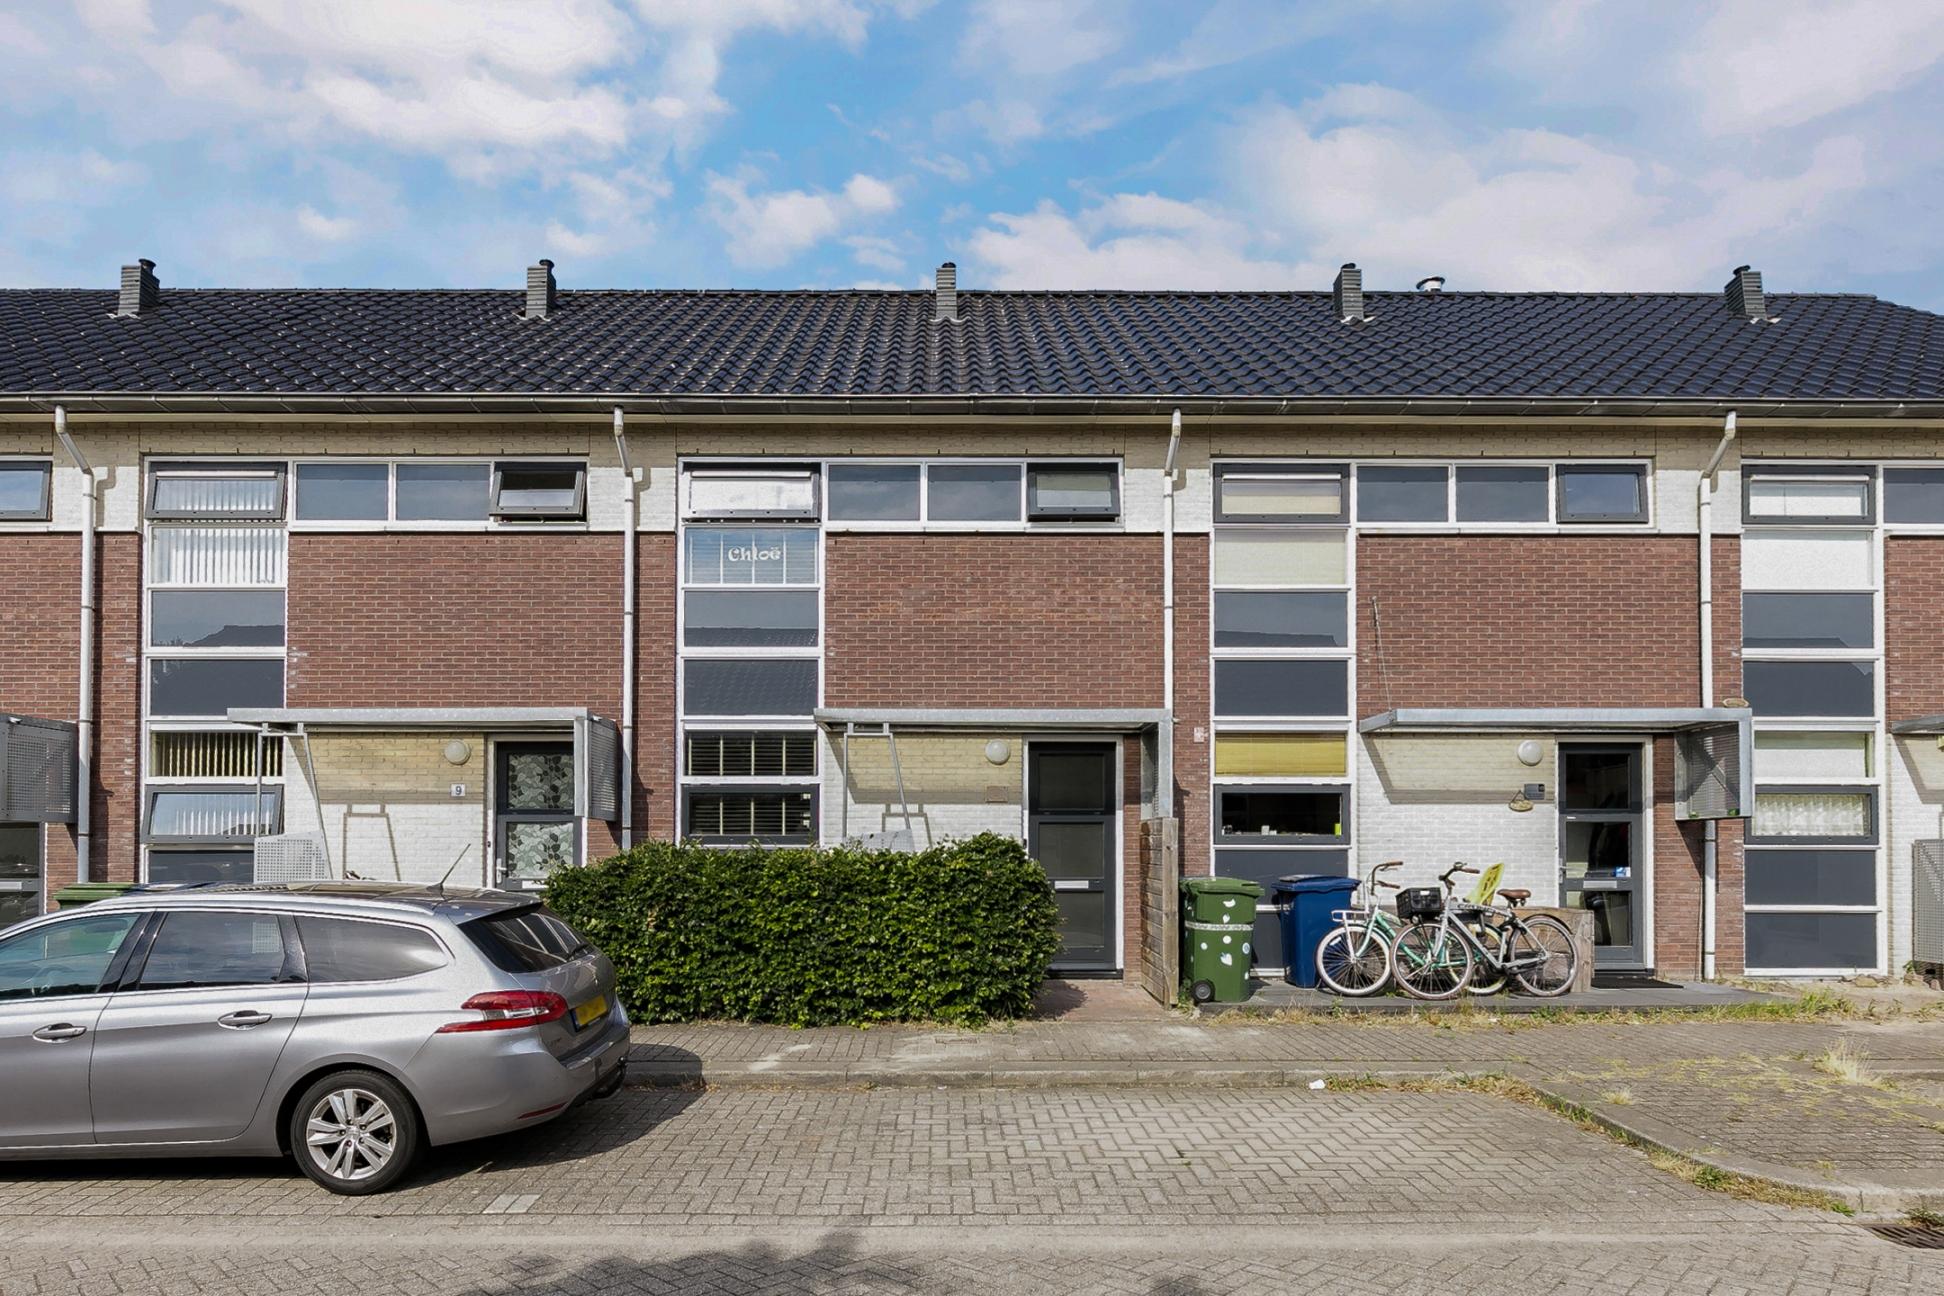 Olle kapoenstraat 11 Almere